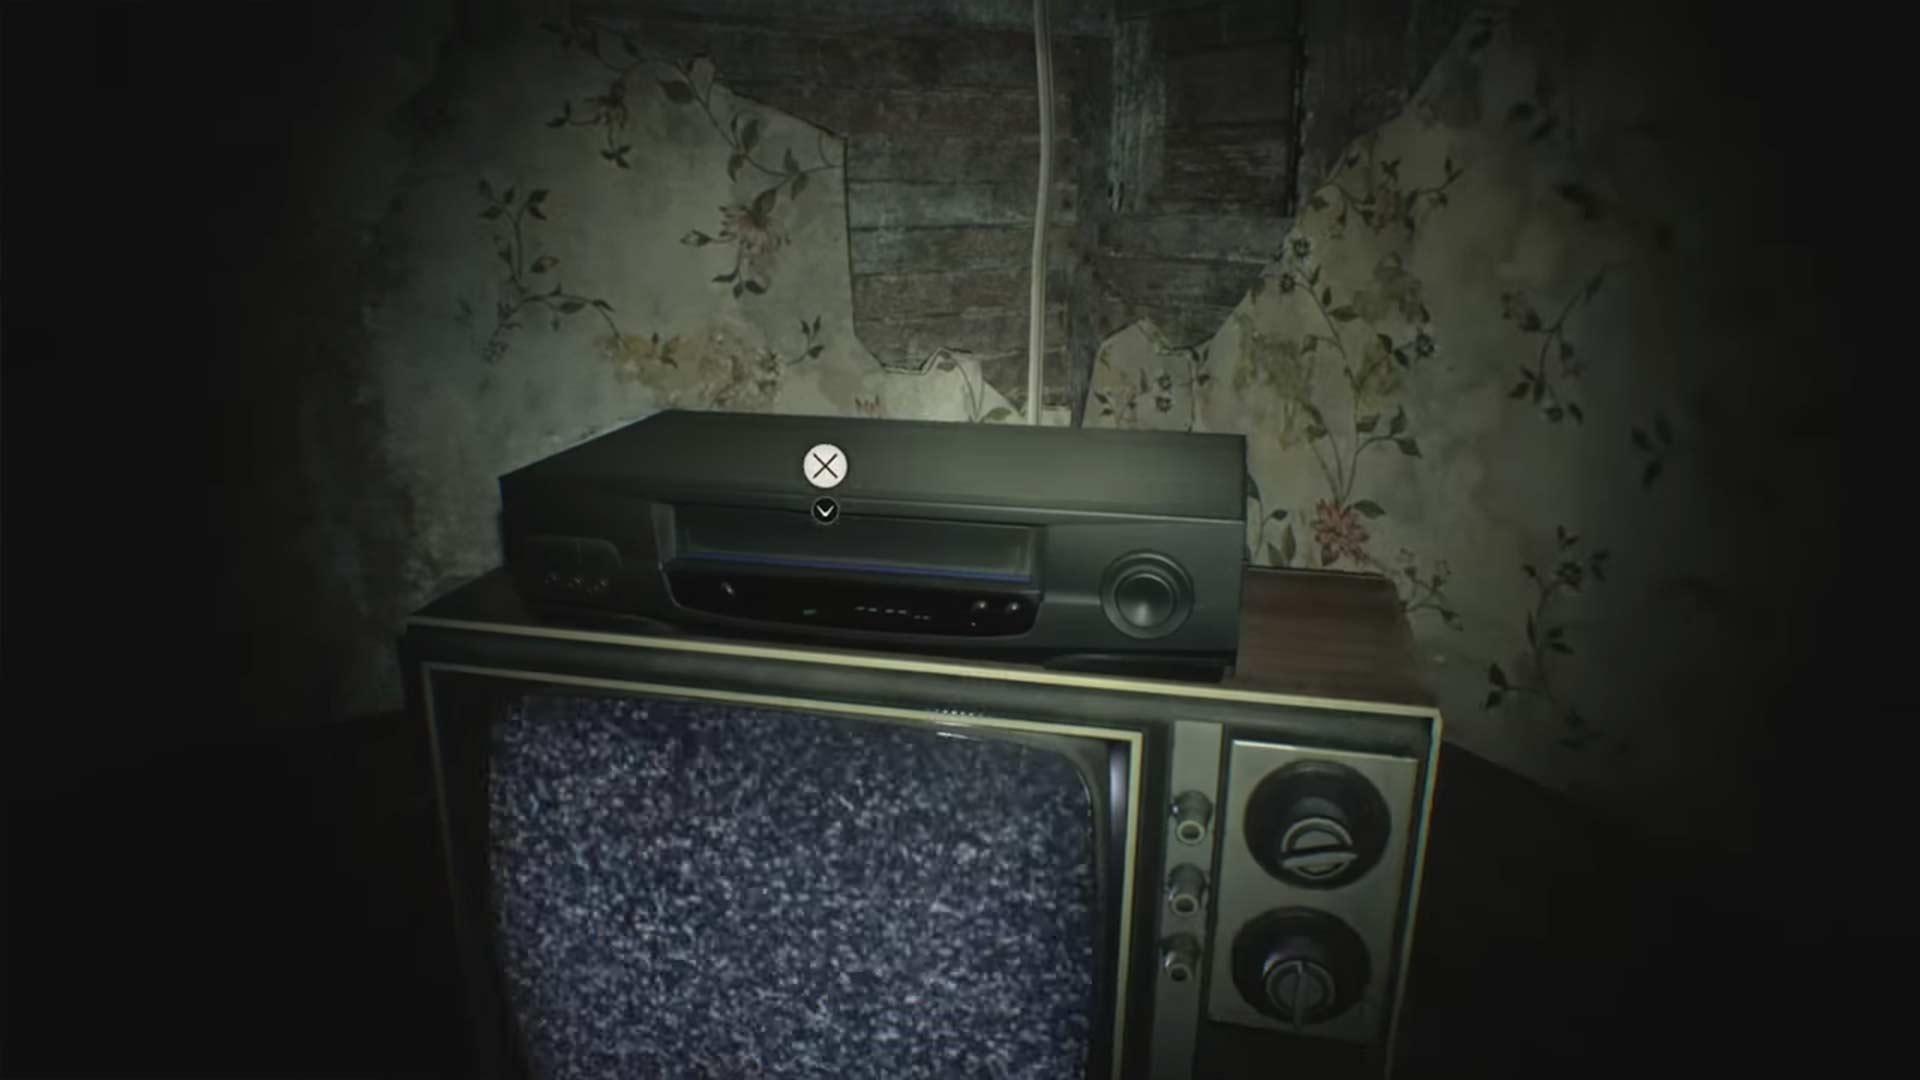 Videokassette - Resident Evil 7